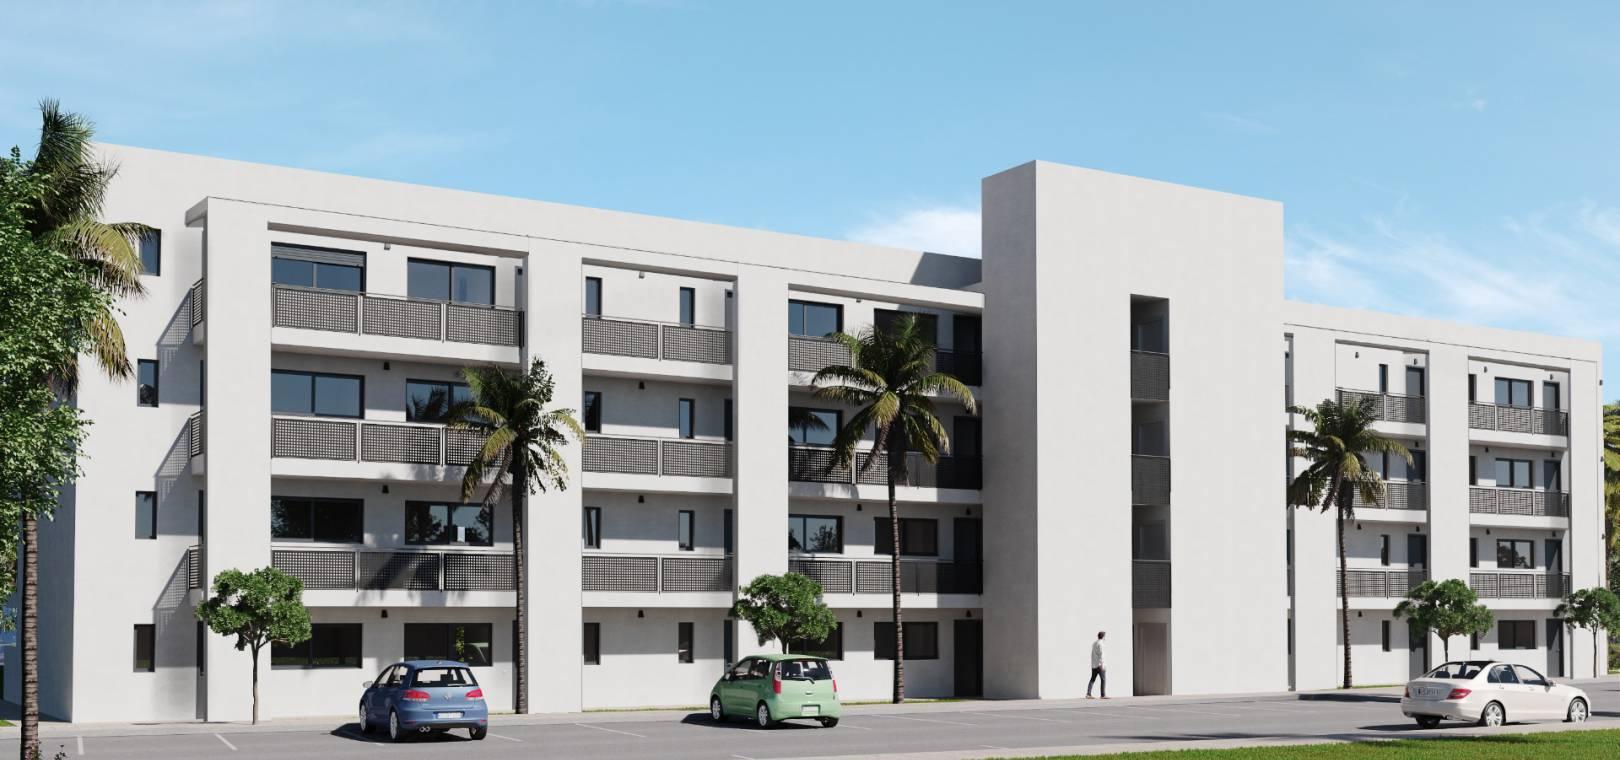 Nieuw gebouw - Appartement - Condado de Alhama